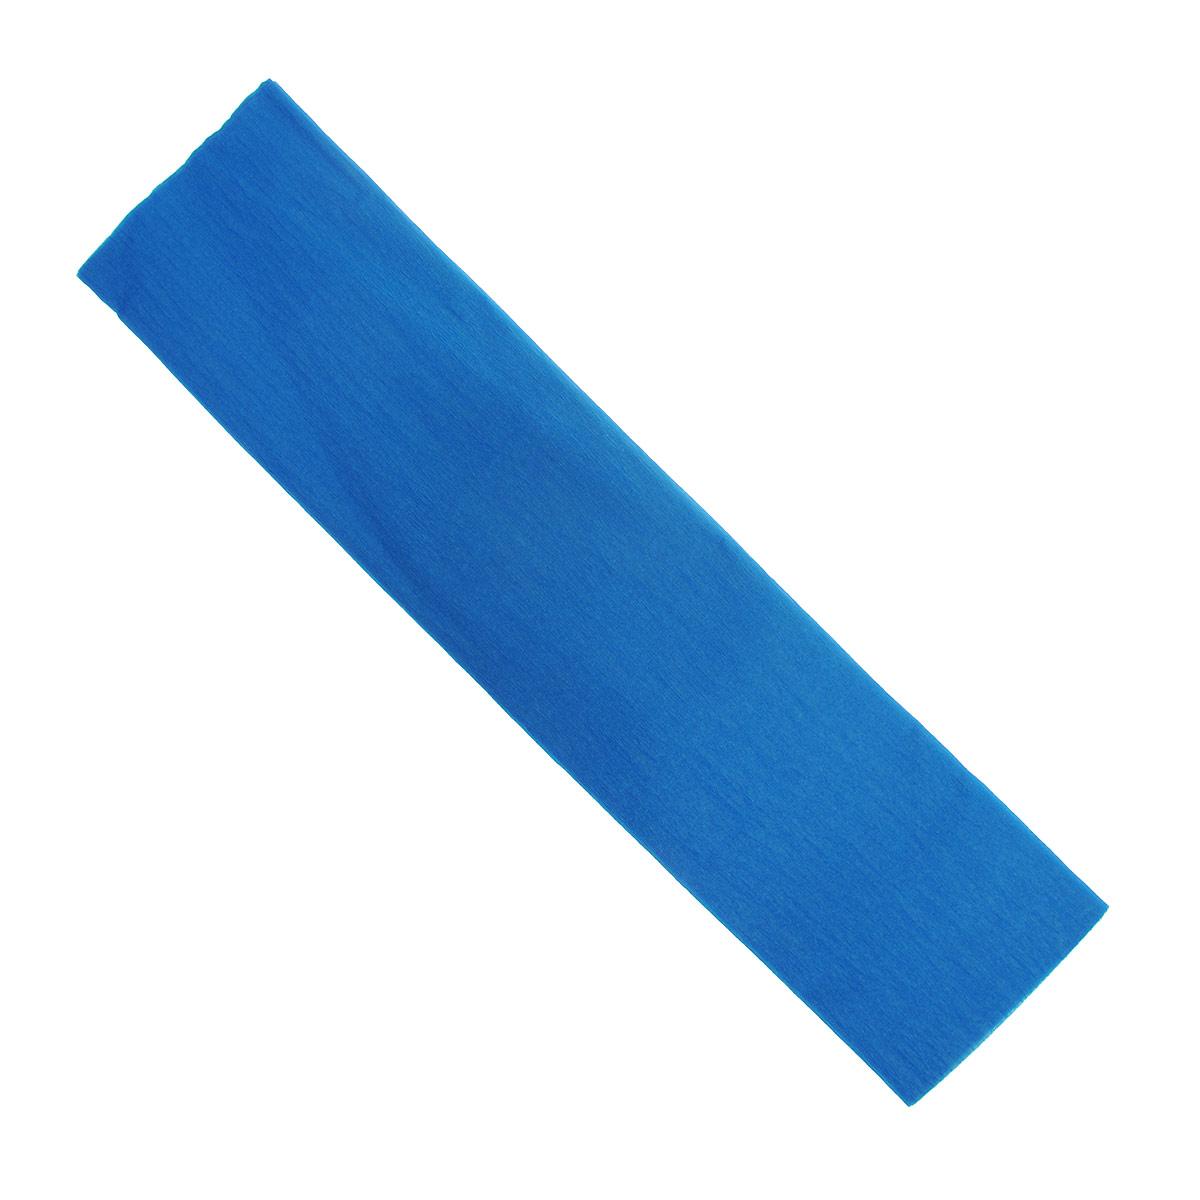 Крепированная бумага Hatber, флюоресцентная, цвет: синий, 5 см х 25 см917106-24Цветная флюоресцентная бумага Hatber - отличный вариант для развития творчества вашего ребенка. Бумага с фактурным покрытием очень гибкая и мягкая, из нее можно создавать чудесные аппликации, игрушки, подарки и объемные поделки. Цветная флюоресцентная бумага Hatber способствует развитию фантазии, цветовосприятия и мелкой моторики рук. Размер бумаги - 5 см х 25 см.